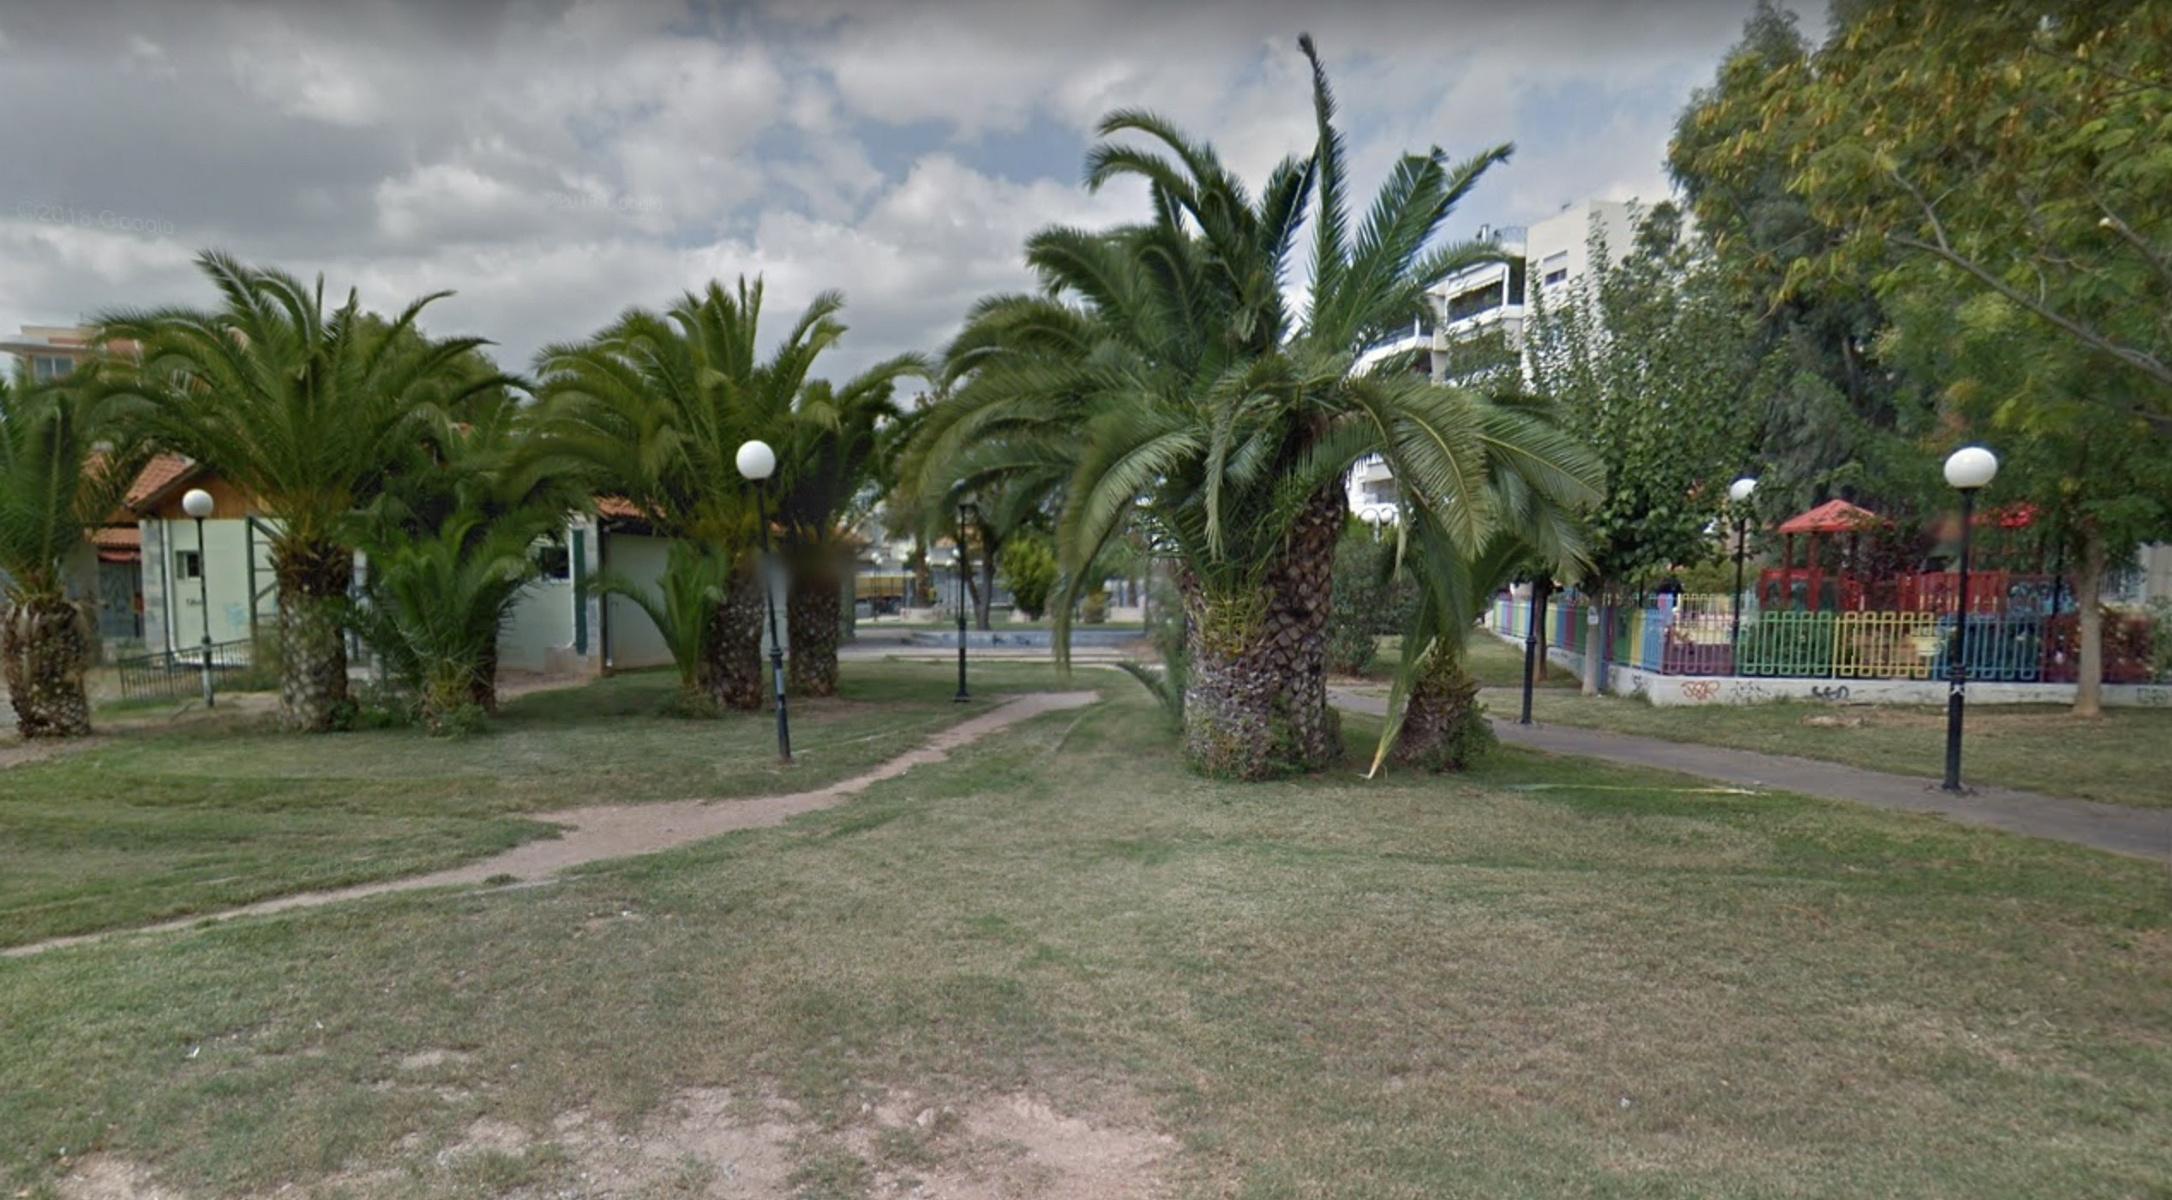 Αλλάζει ο Δήμος Ιλίου – Αποκτά νέο κοινόχρηστο χώρο πρασίνου στον Άγιο Φανούριο